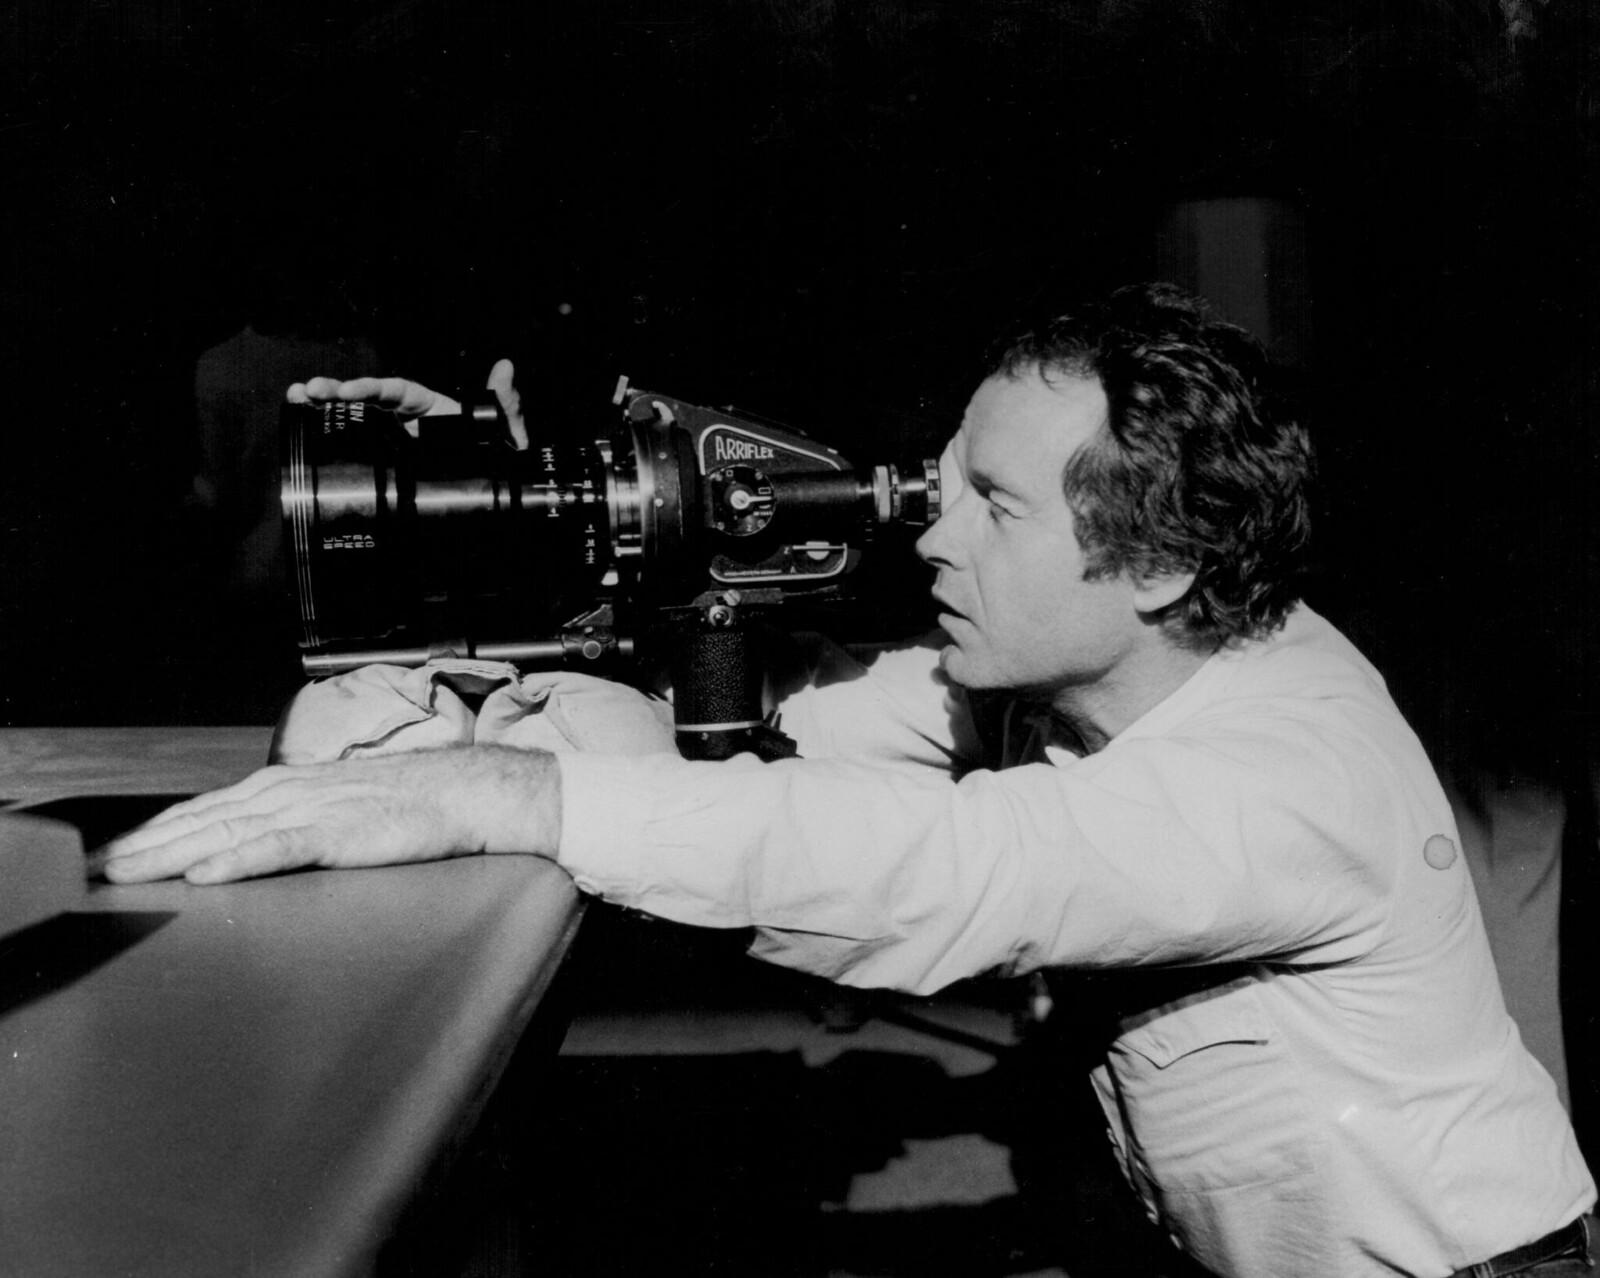 Режиссер Ридли Скотт использует камеру Arriflex на съемках фильма «Бегущий по лезвию»